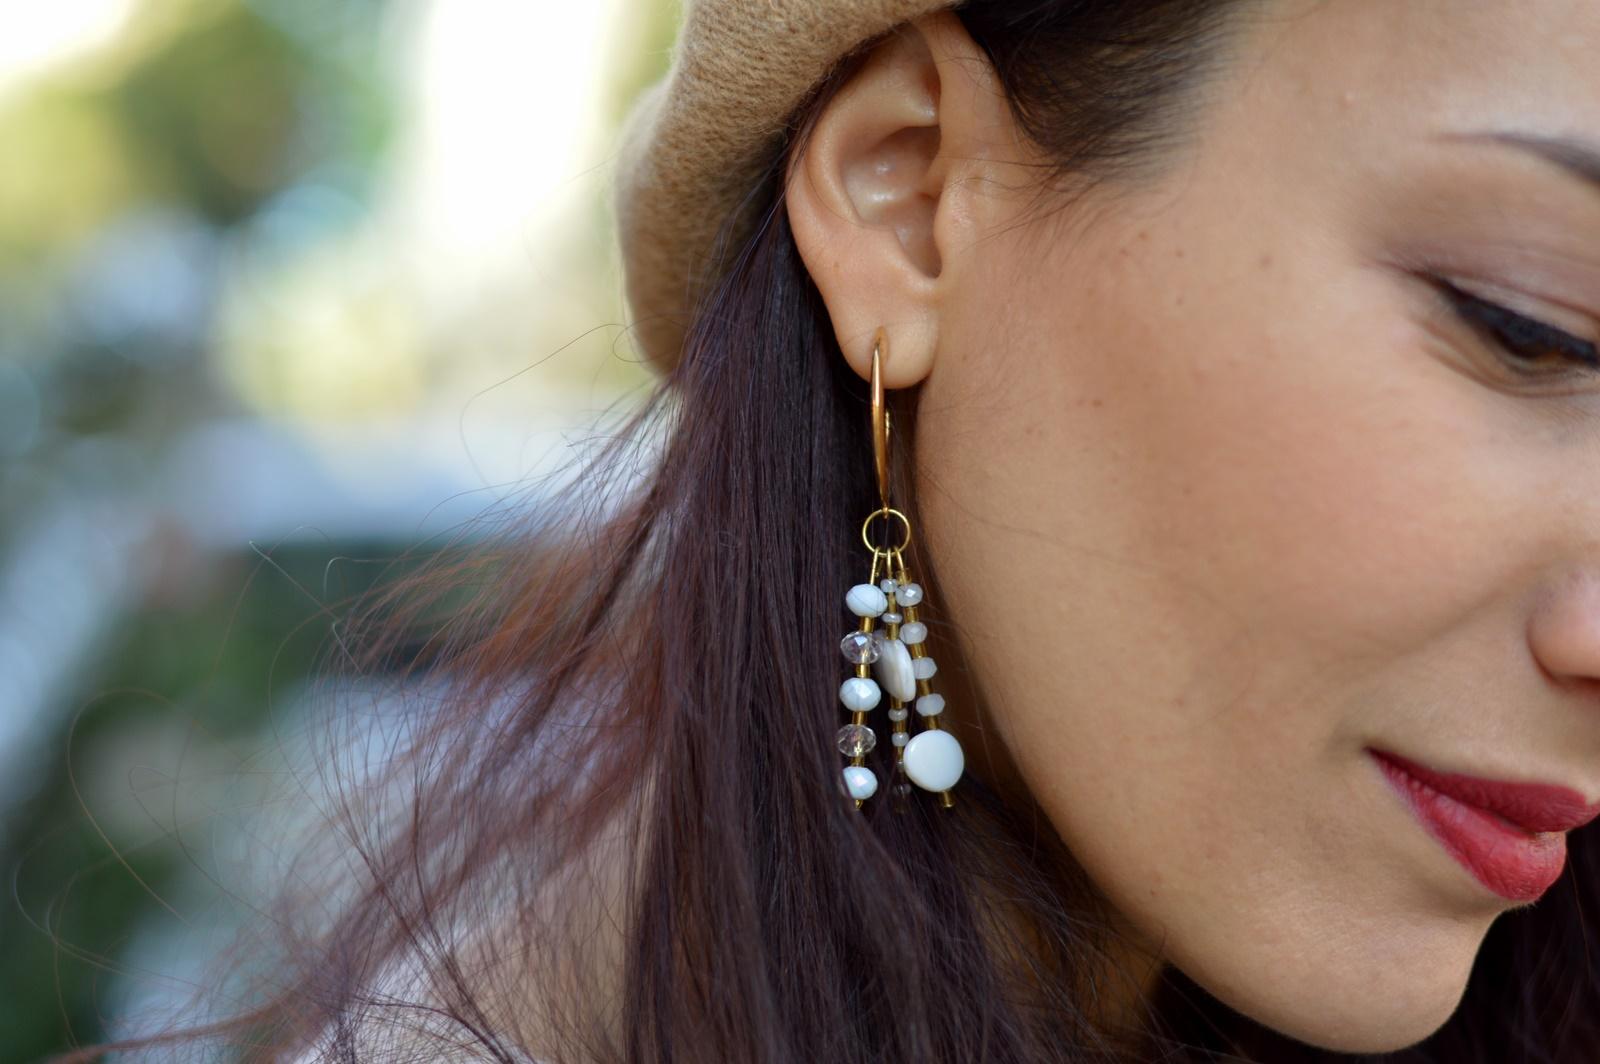 boucles d'oreilles créateurs Vaucluse